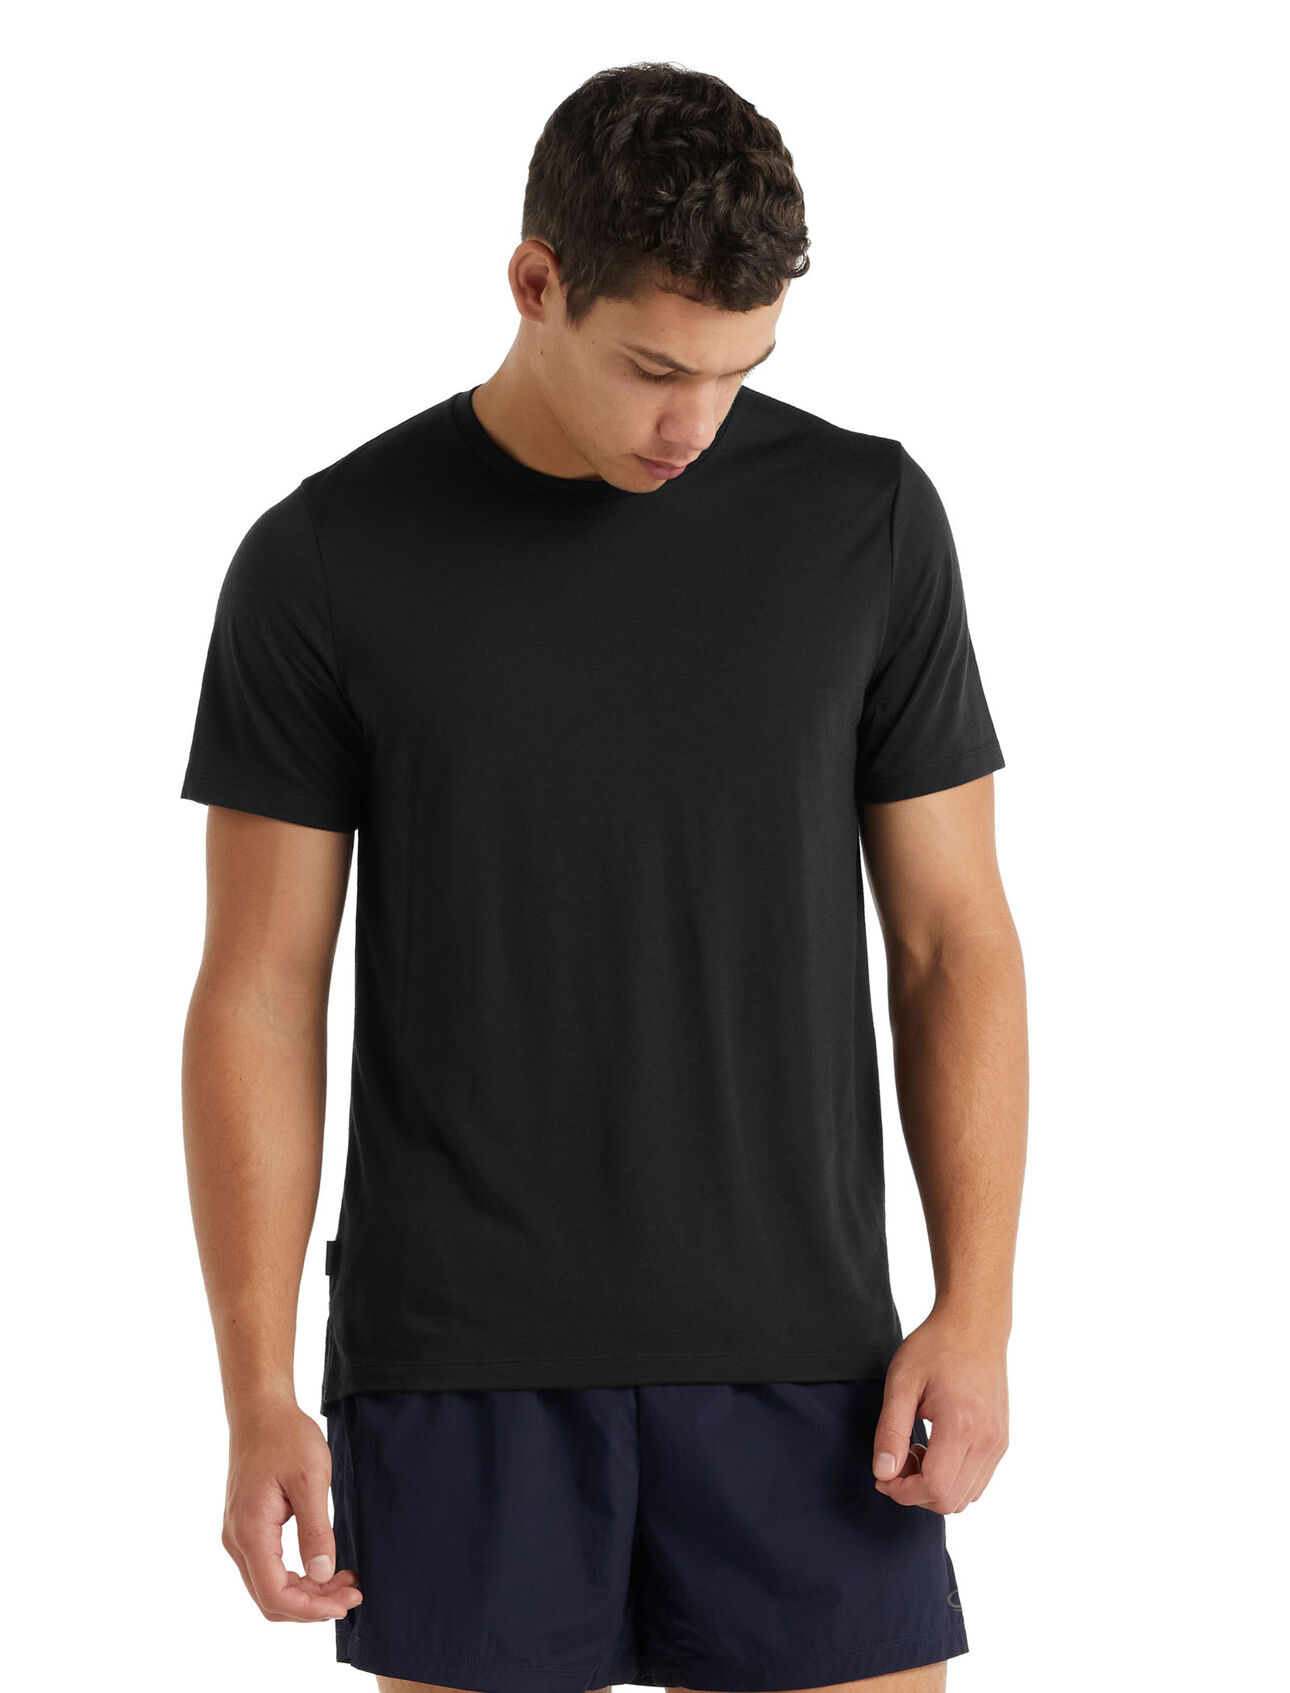 Cool-Lite™ Merino Sphere Short Sleeve Crewe T-Shirt